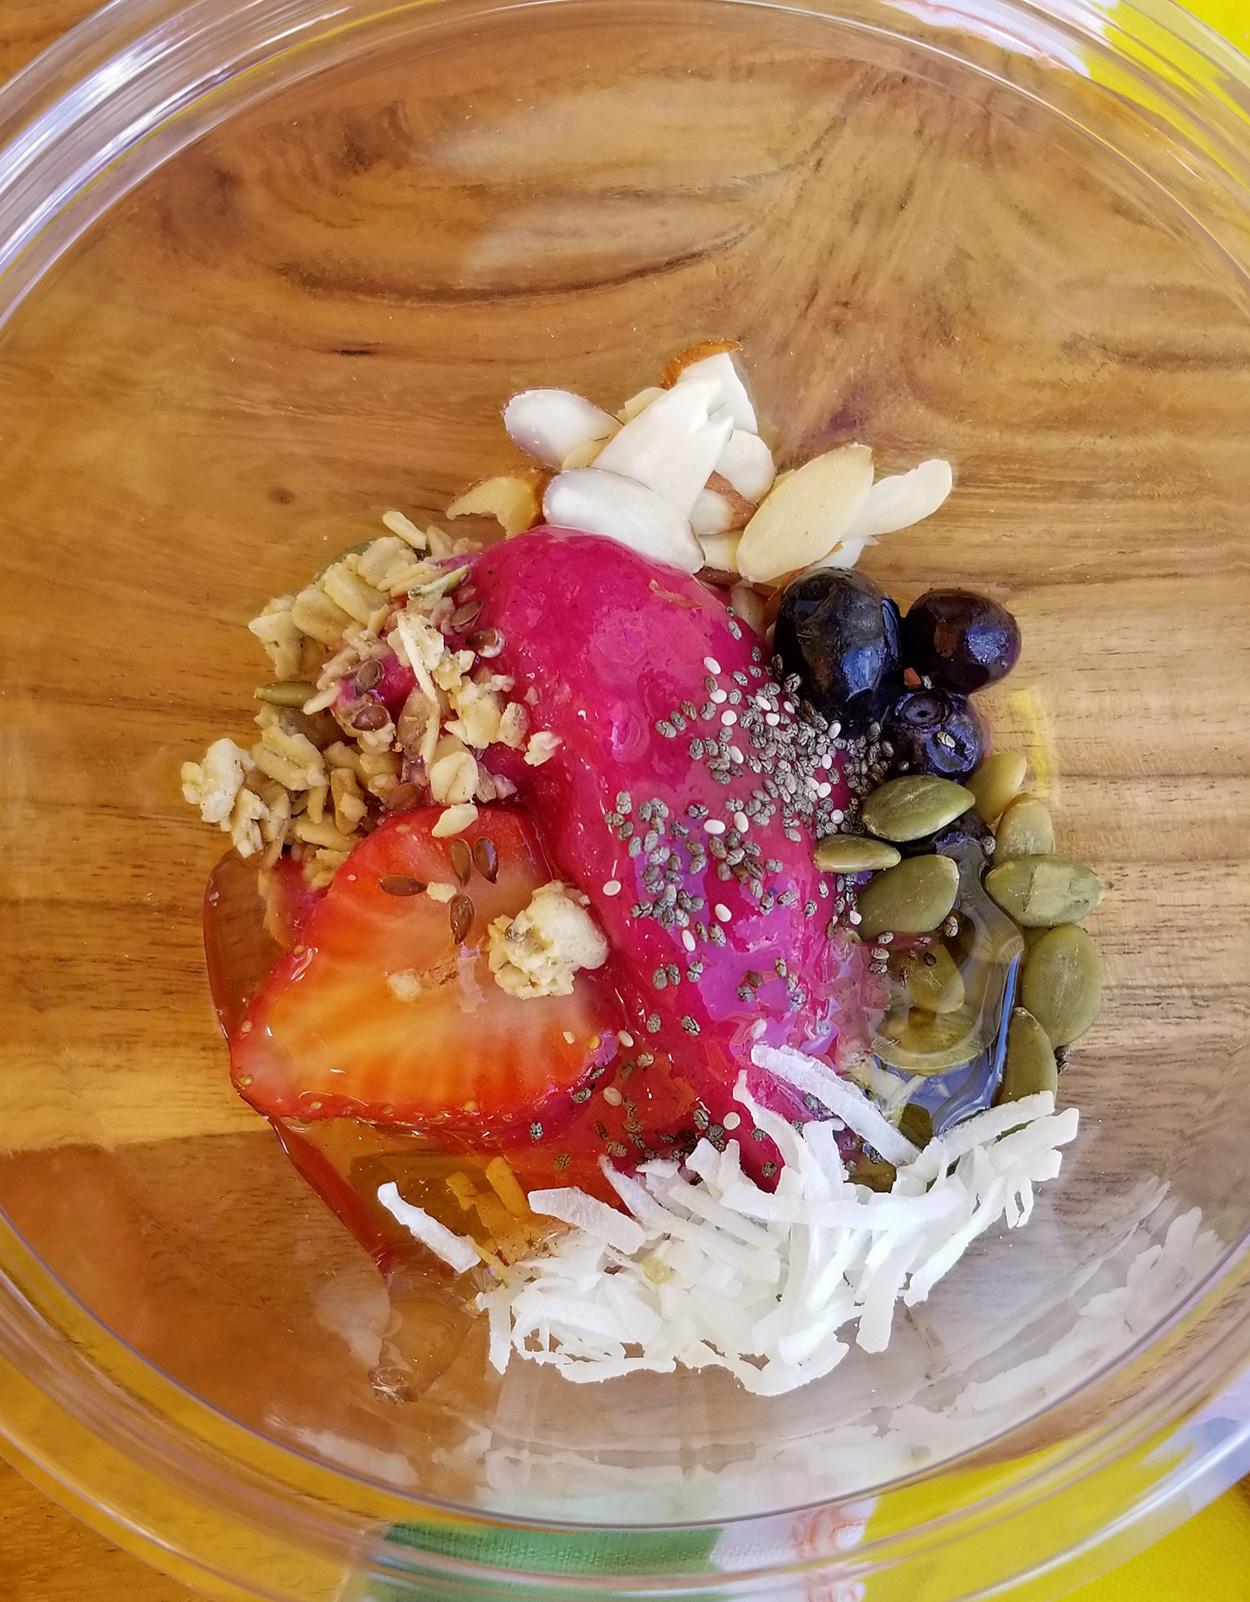 Jamba Juice Hawaii Introduces Pomegranate Superfood Lineup Tasty